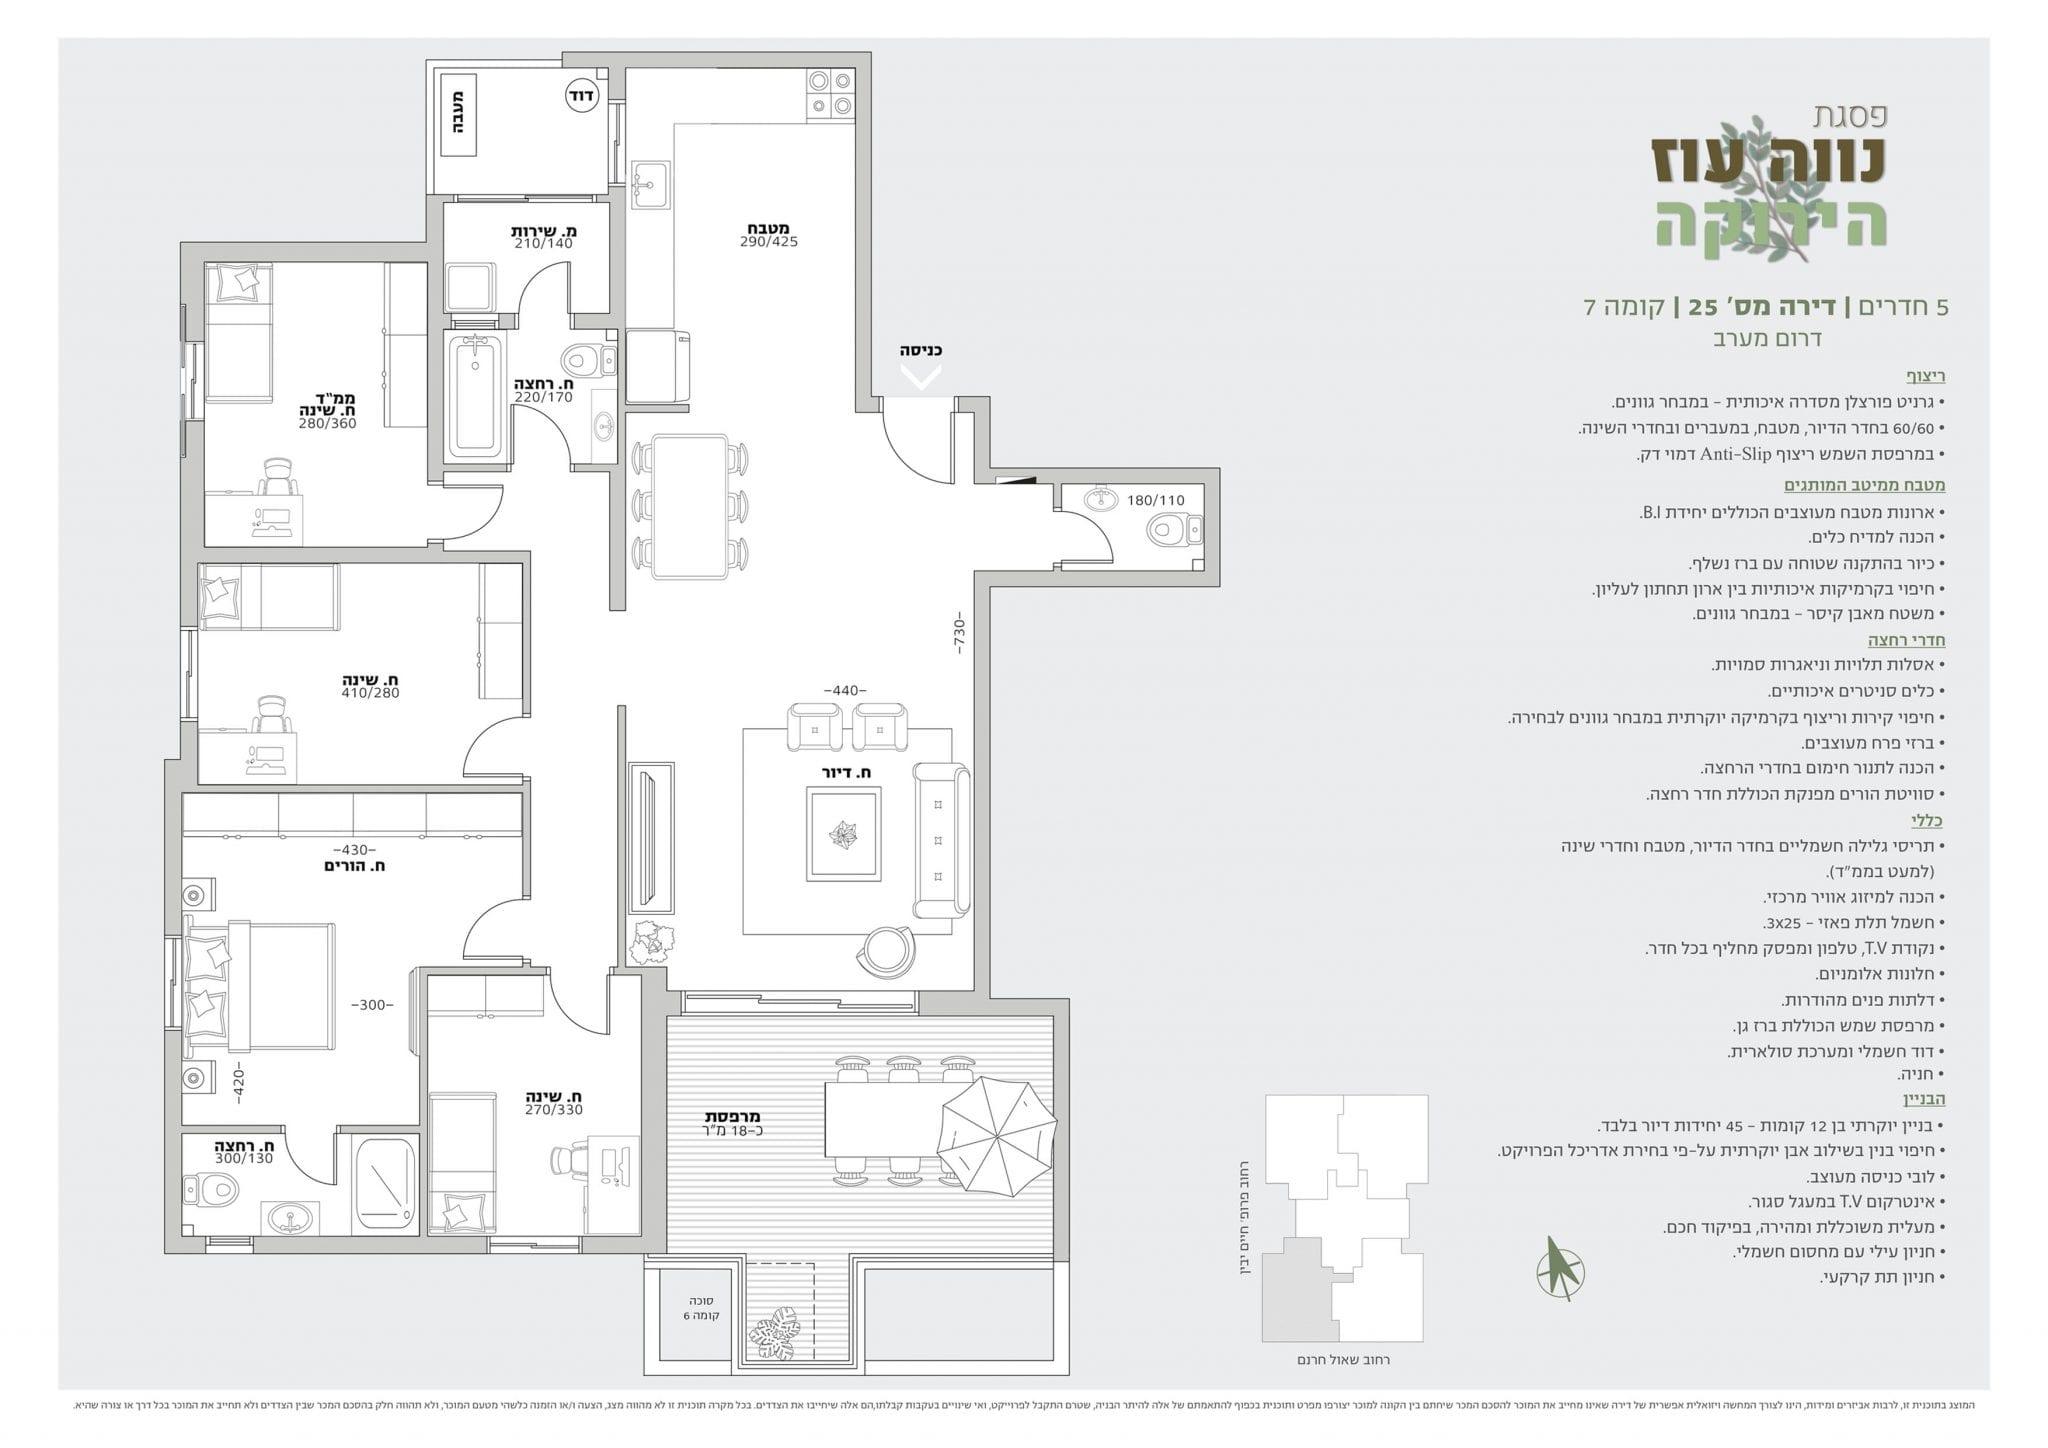 דירת 6 חדרים מספר 25